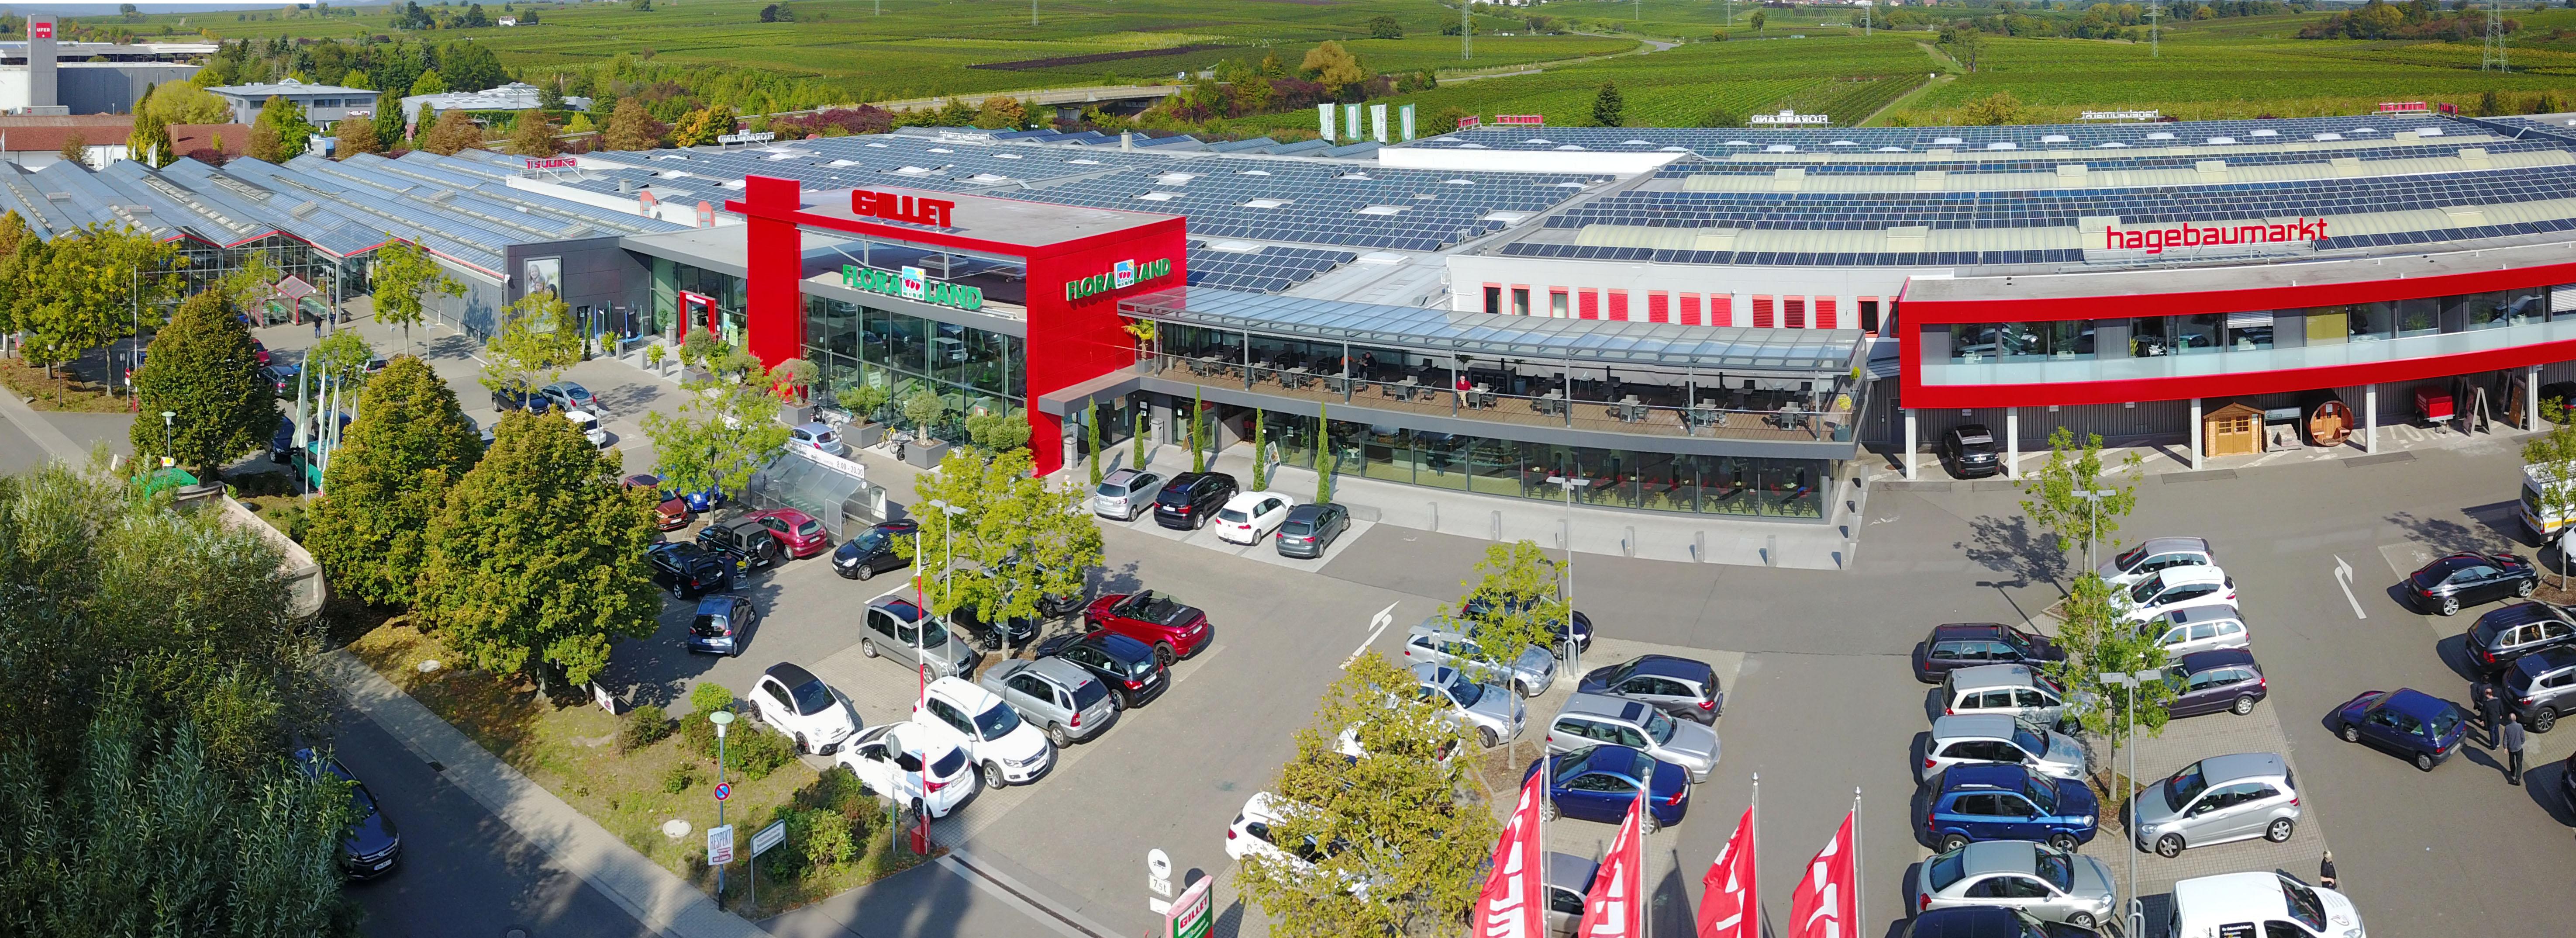 Gillet Hagebaumarkt Floraland Gilletstrasse 1 3 In 76829 Landau